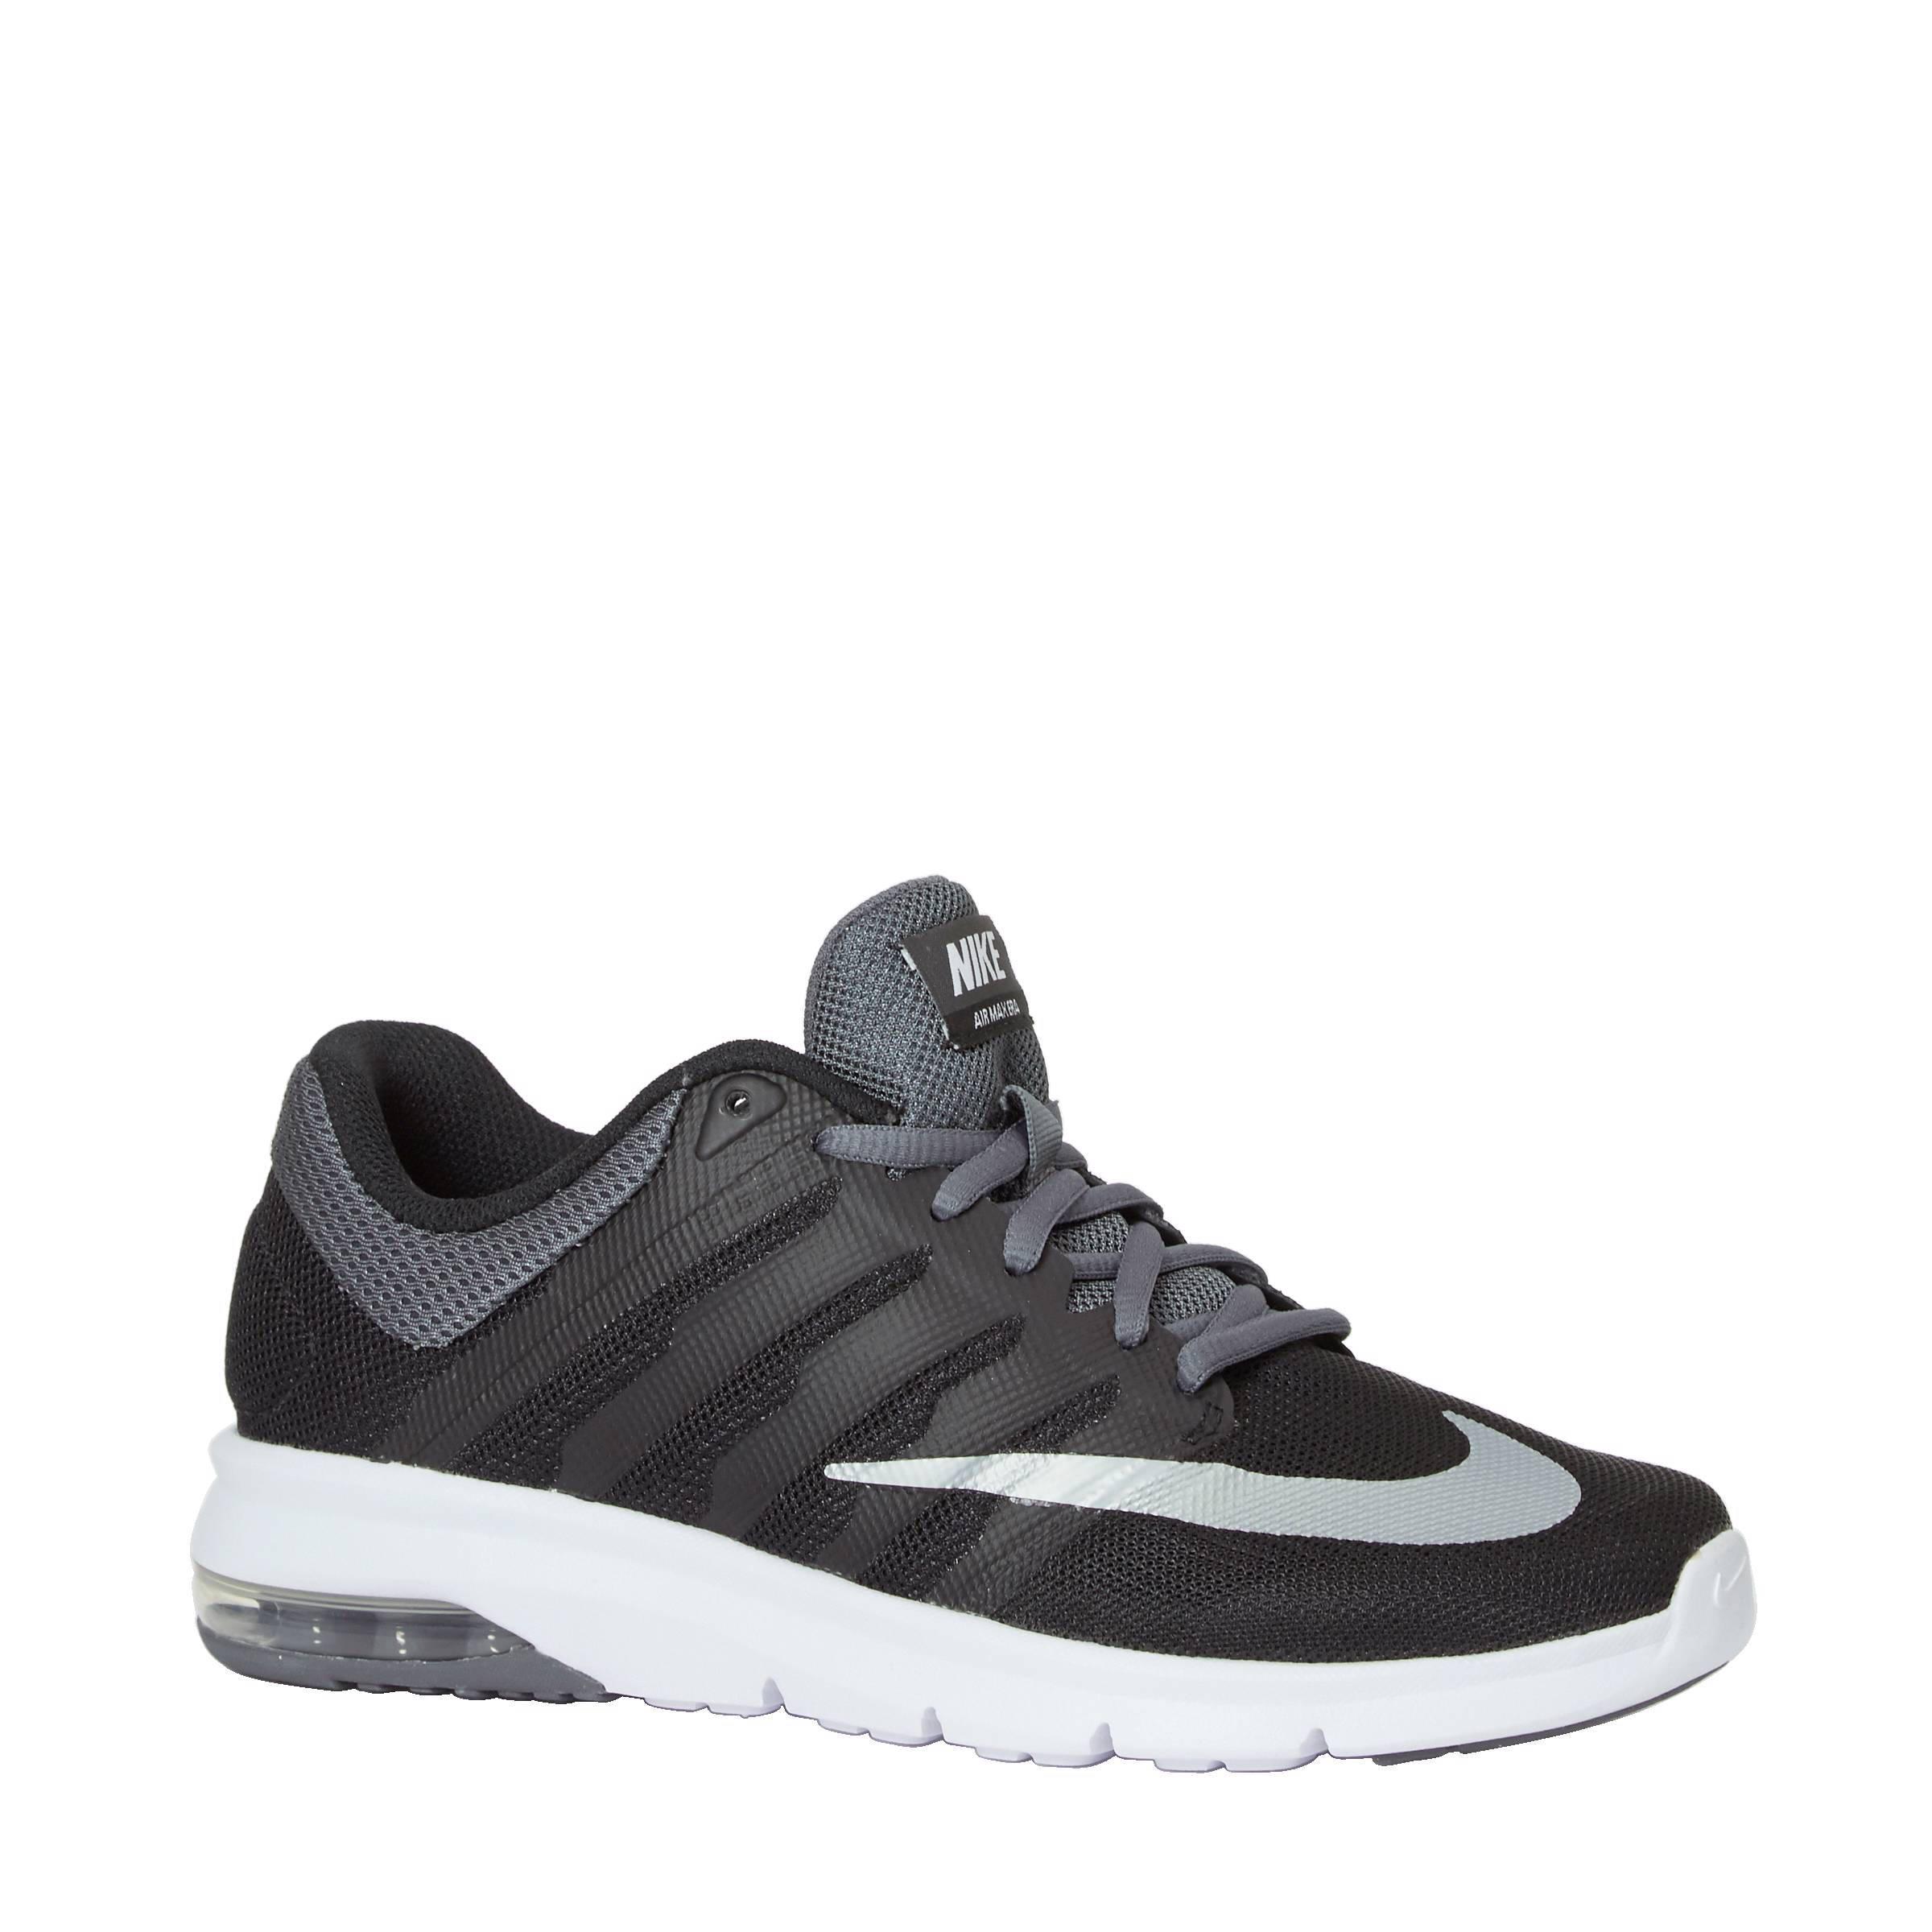 Air Max Era sneakers